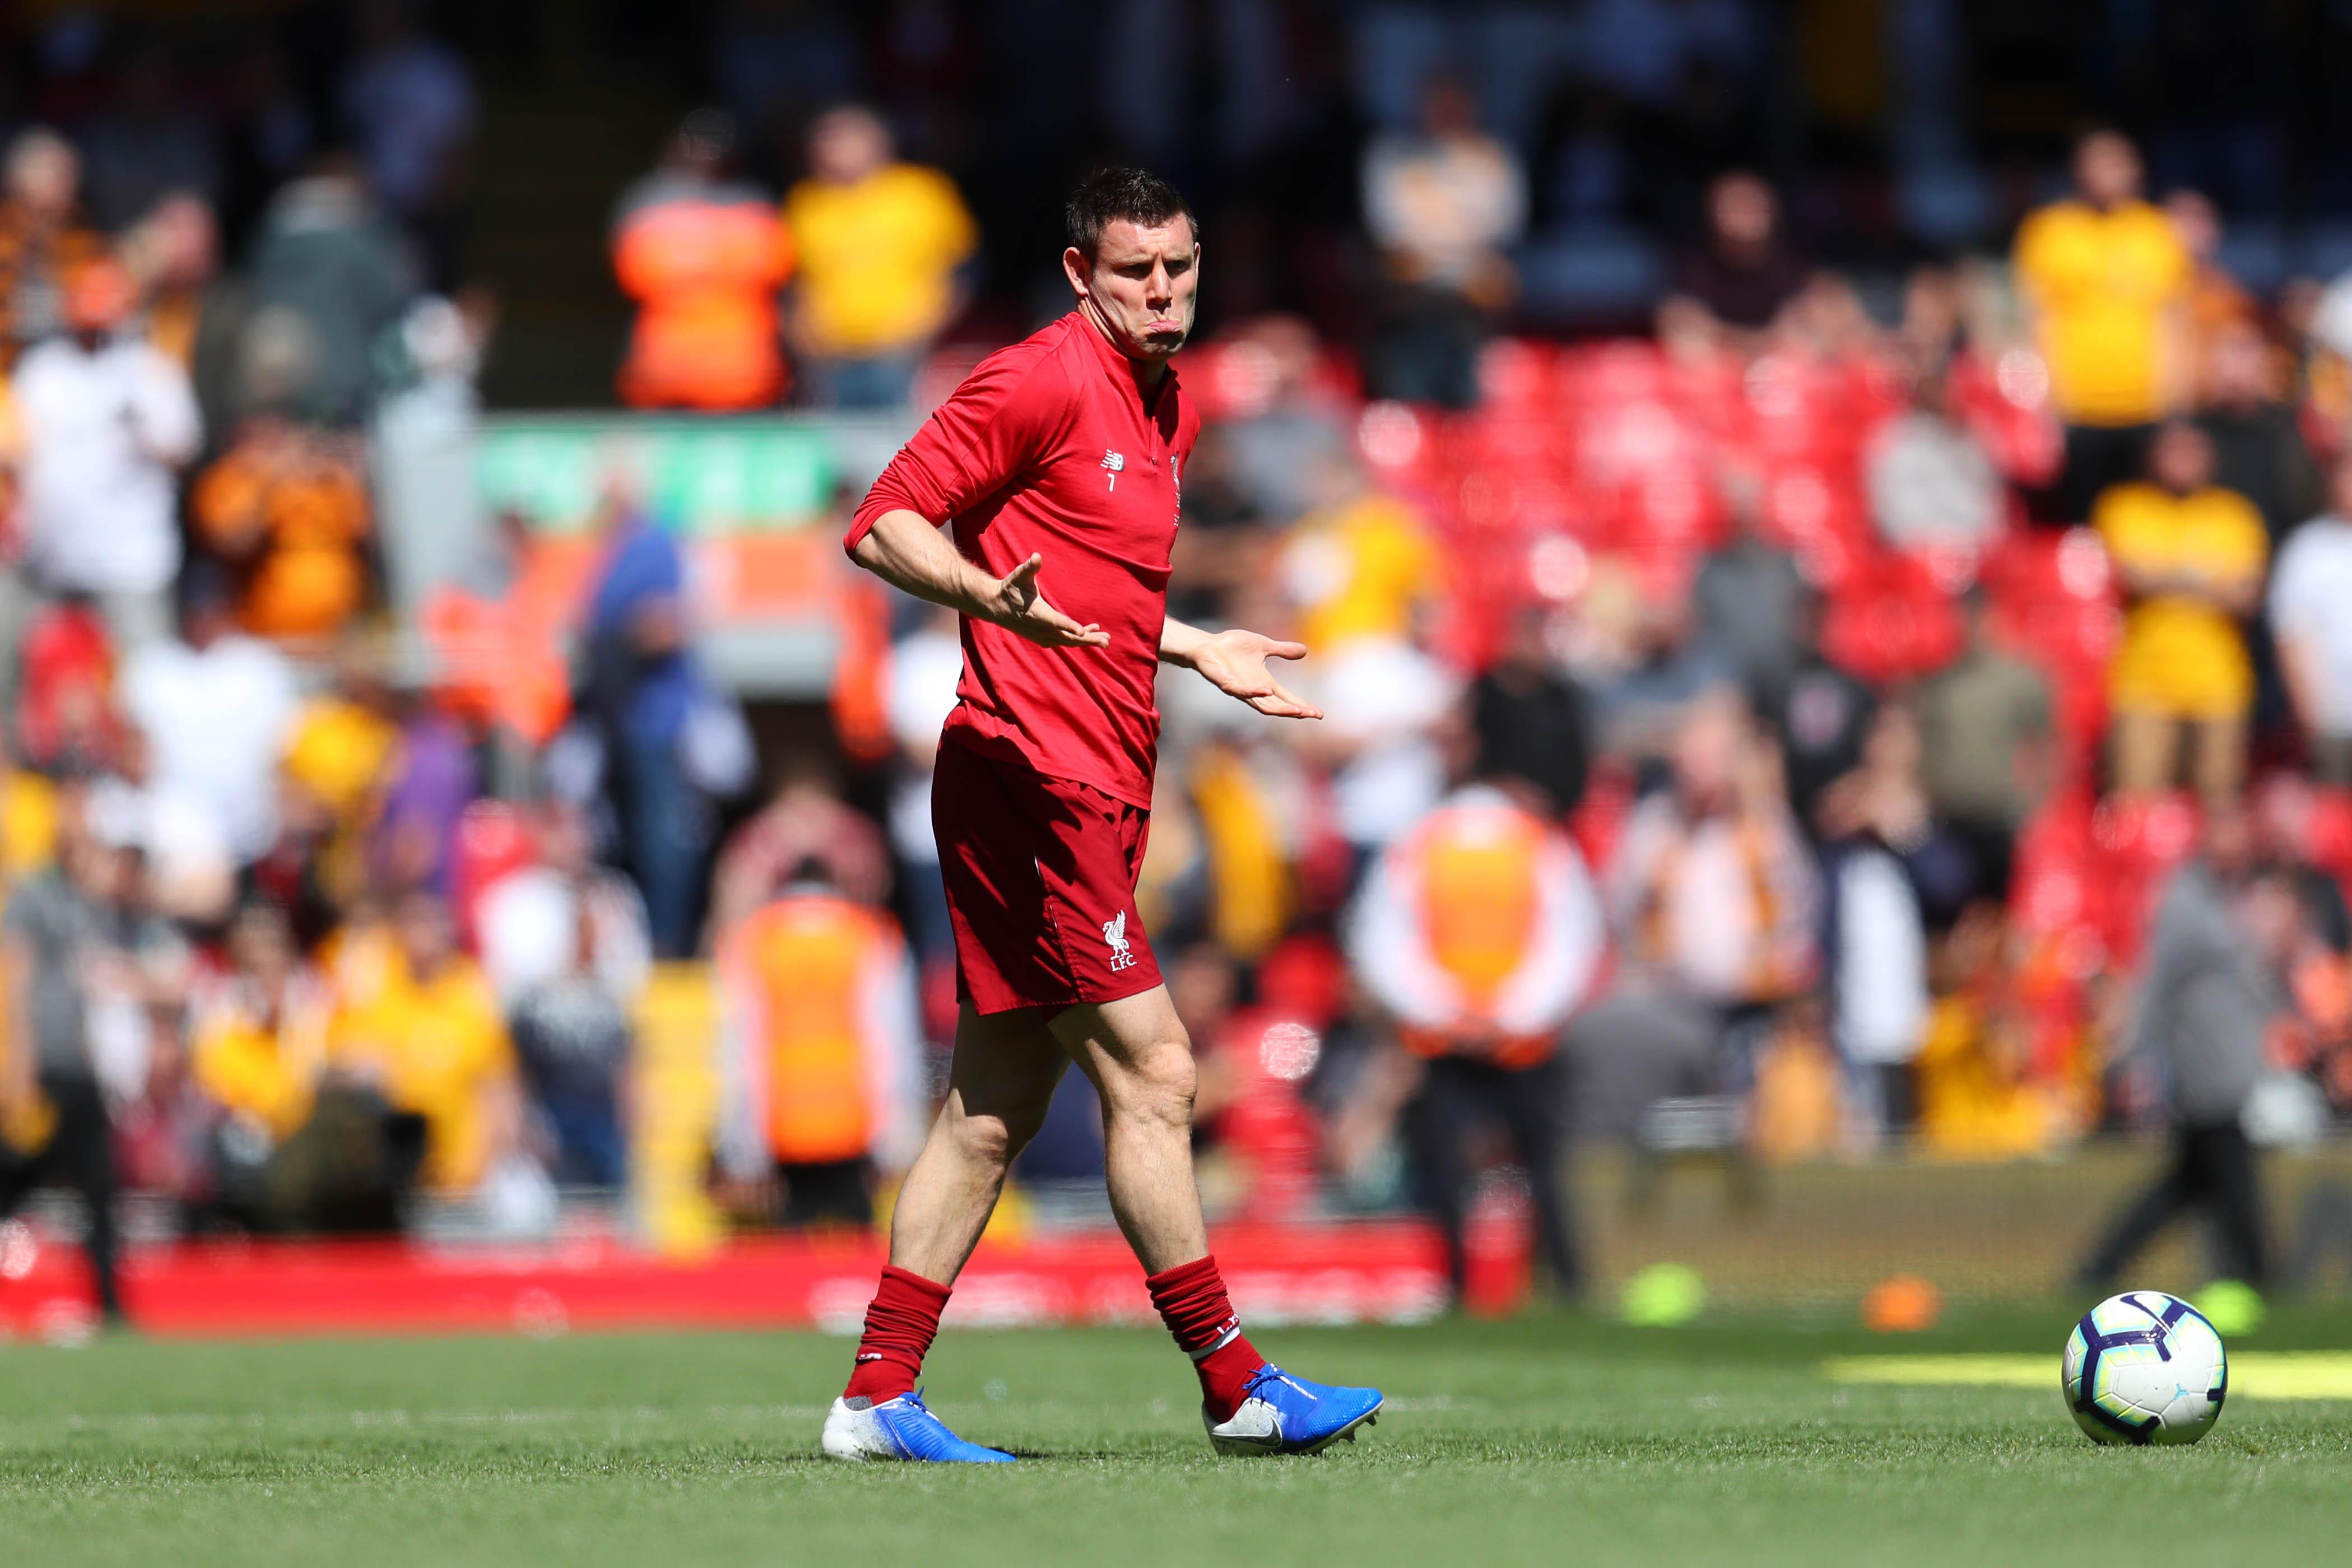 James Milner Sticks the Knife in on Lionel Messi